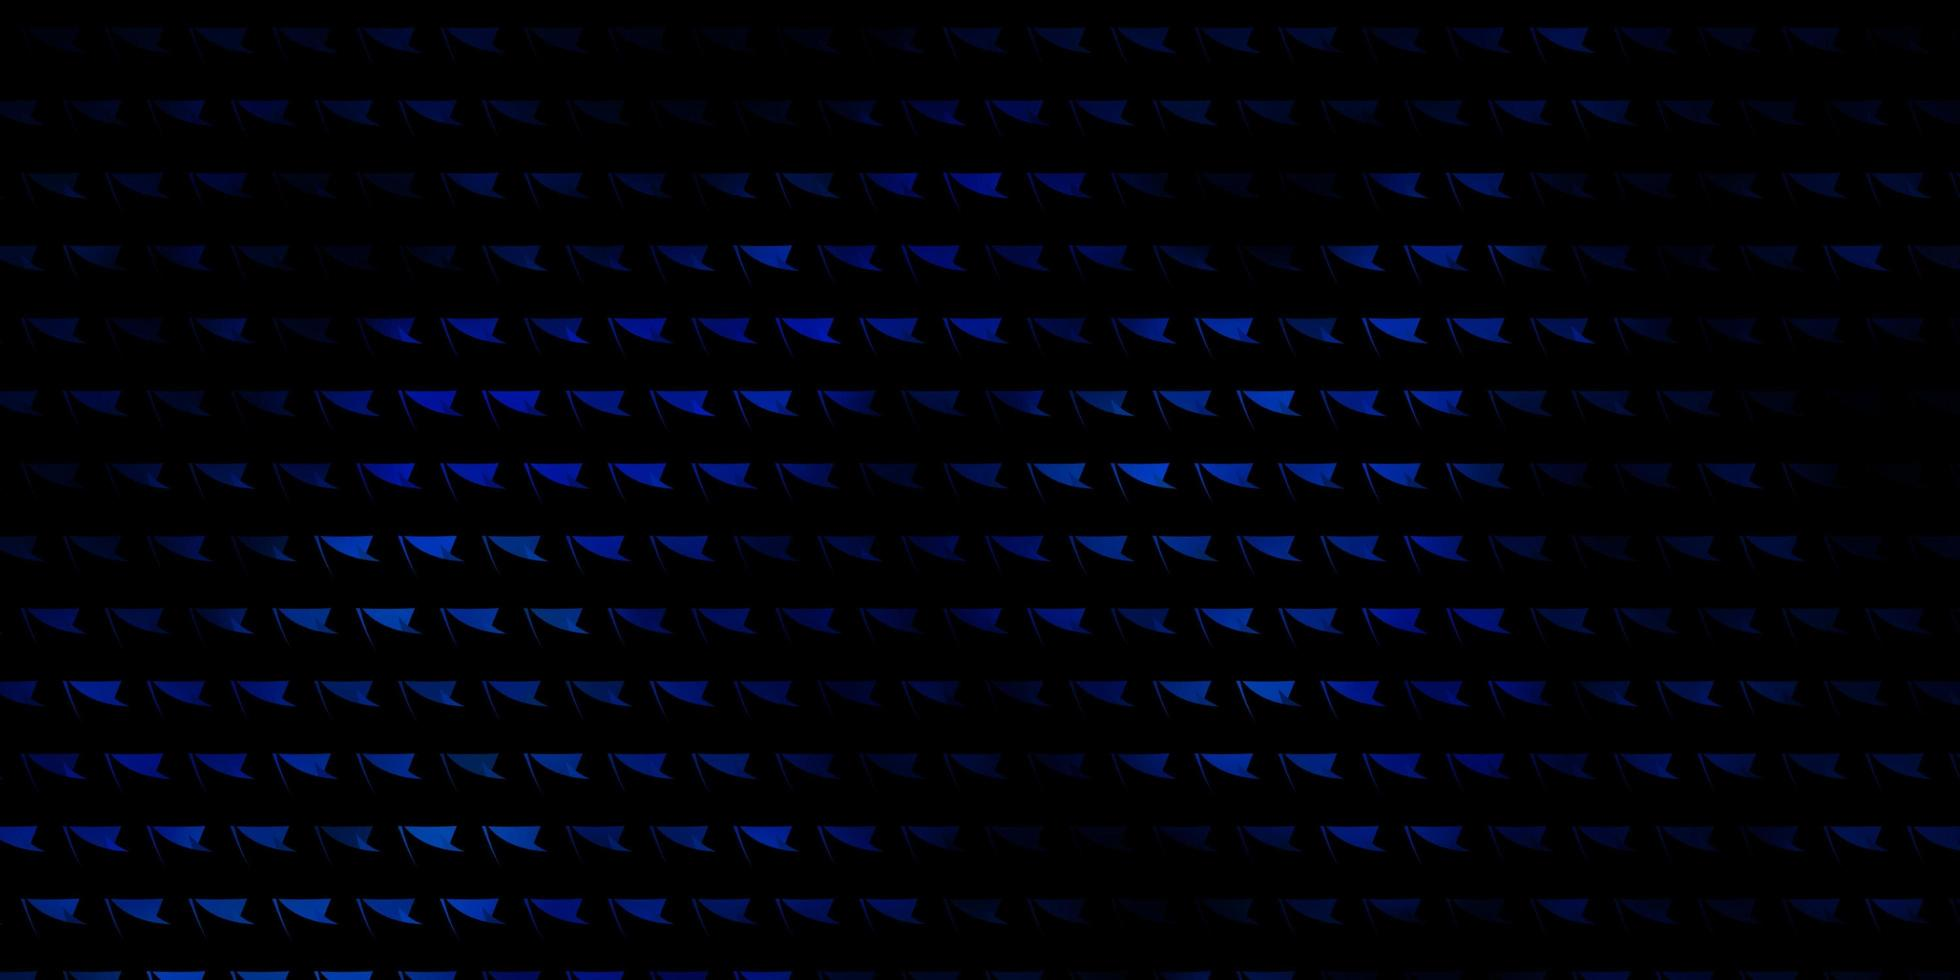 toile de fond de vecteur bleu foncé avec des lignes, des triangles.